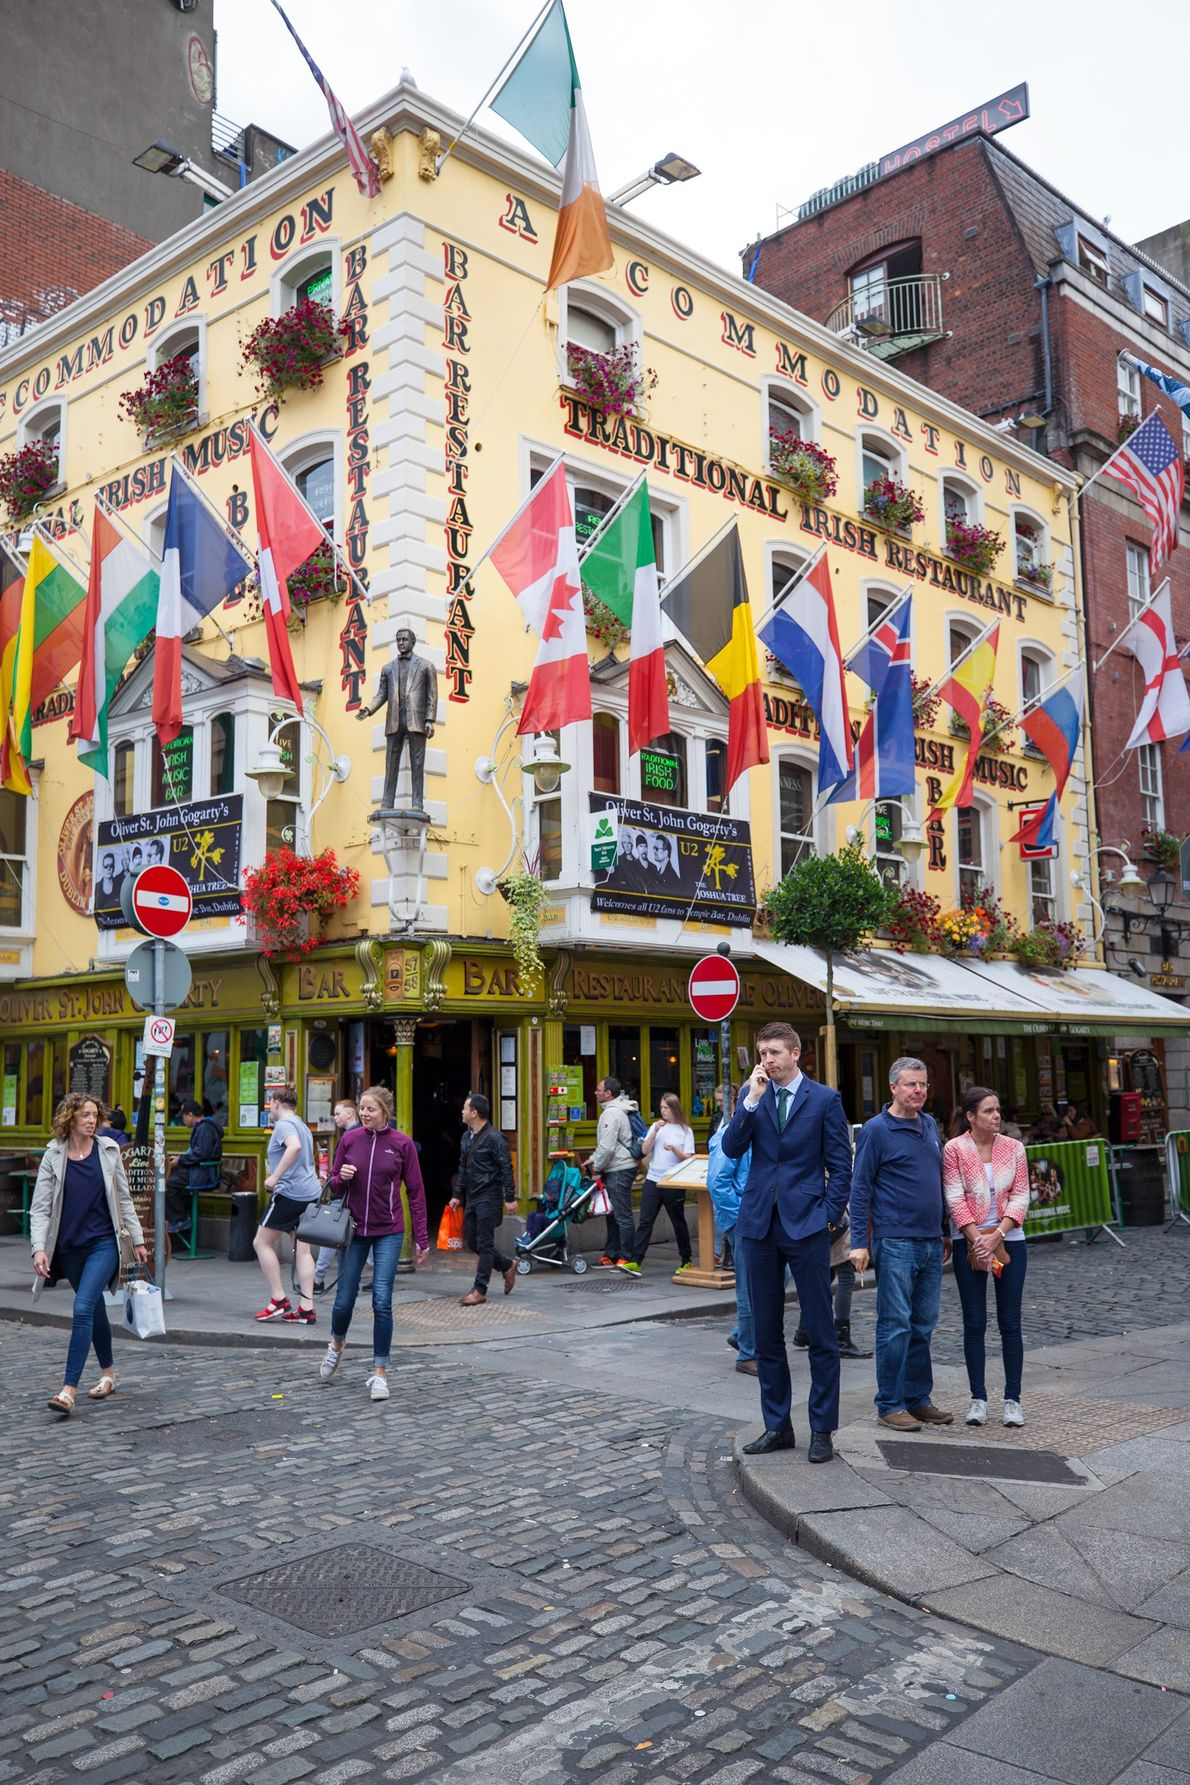 Fußgänger laufen durch den geschäftigen Stadtteil Temple Bar in Dublin.